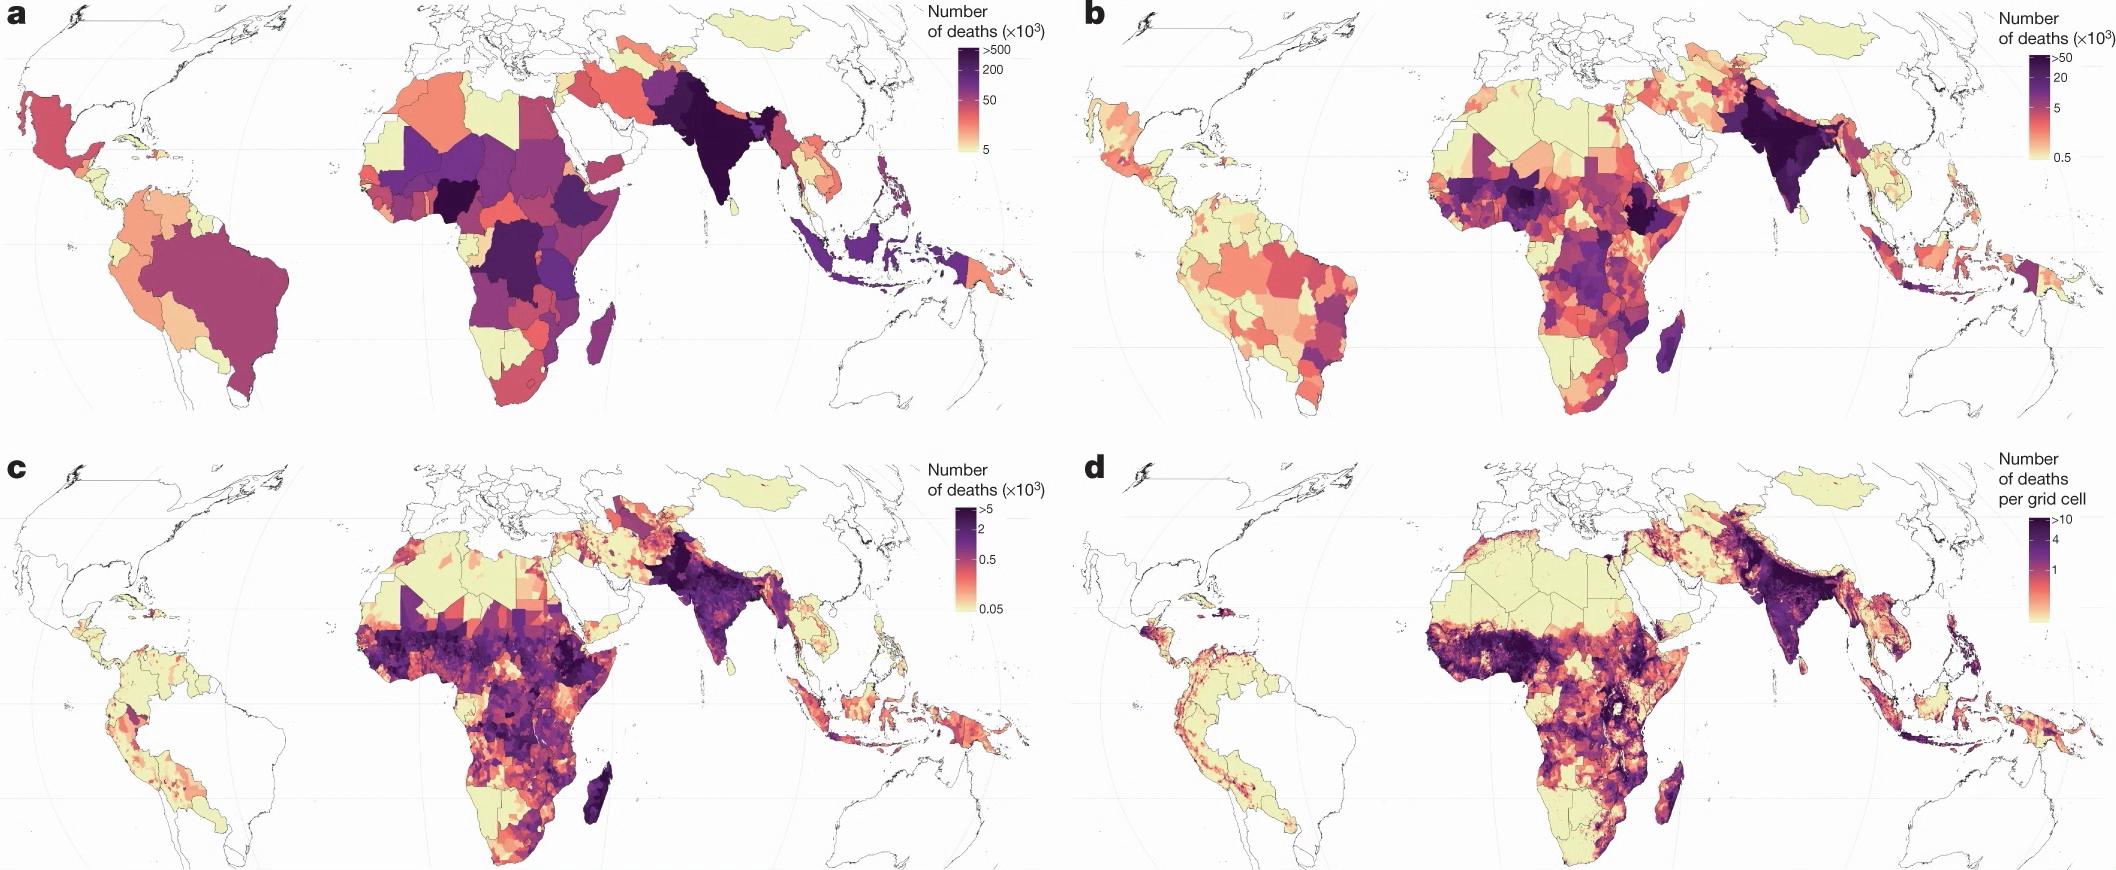 Оценка числа детей ввозрасте до 5 лет, умерших в99 исследованных странах в2017 году: a— число смертей детей ввозрасте до 5 лет вкаждой стране; b— число смертей вкаждой единице первого административного уровня; c— число смертей вкаждой второй единице административного уровня; d— число смертей вкаждой ячейке сетки 5 × 5км. Источник: Roy Burstein et al., <i>Nature</i>.